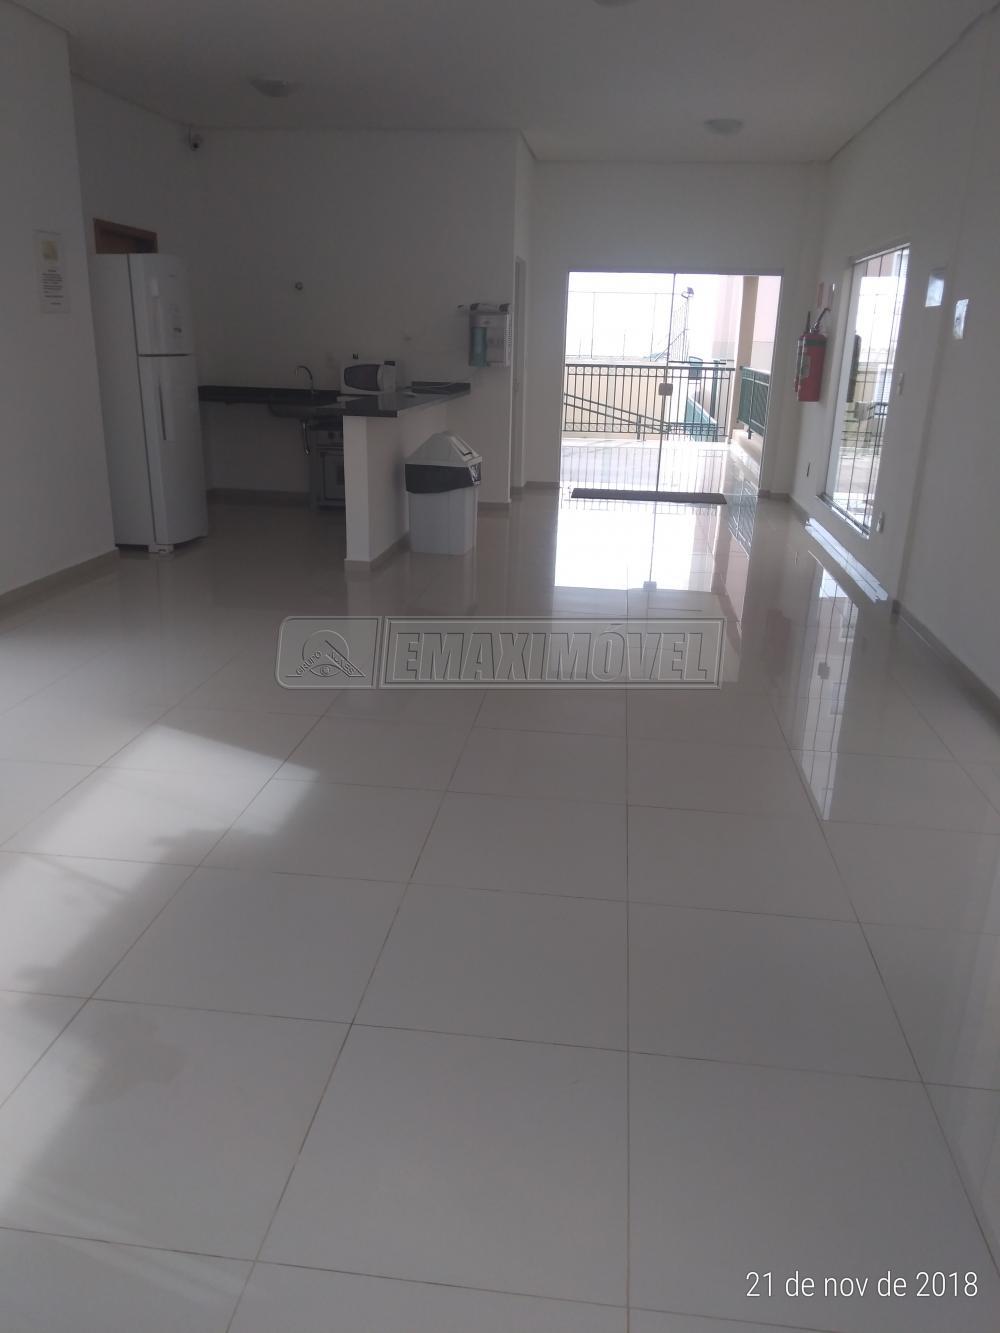 Alugar Apartamentos / Apto Padrão em Sorocaba apenas R$ 1.000,00 - Foto 23